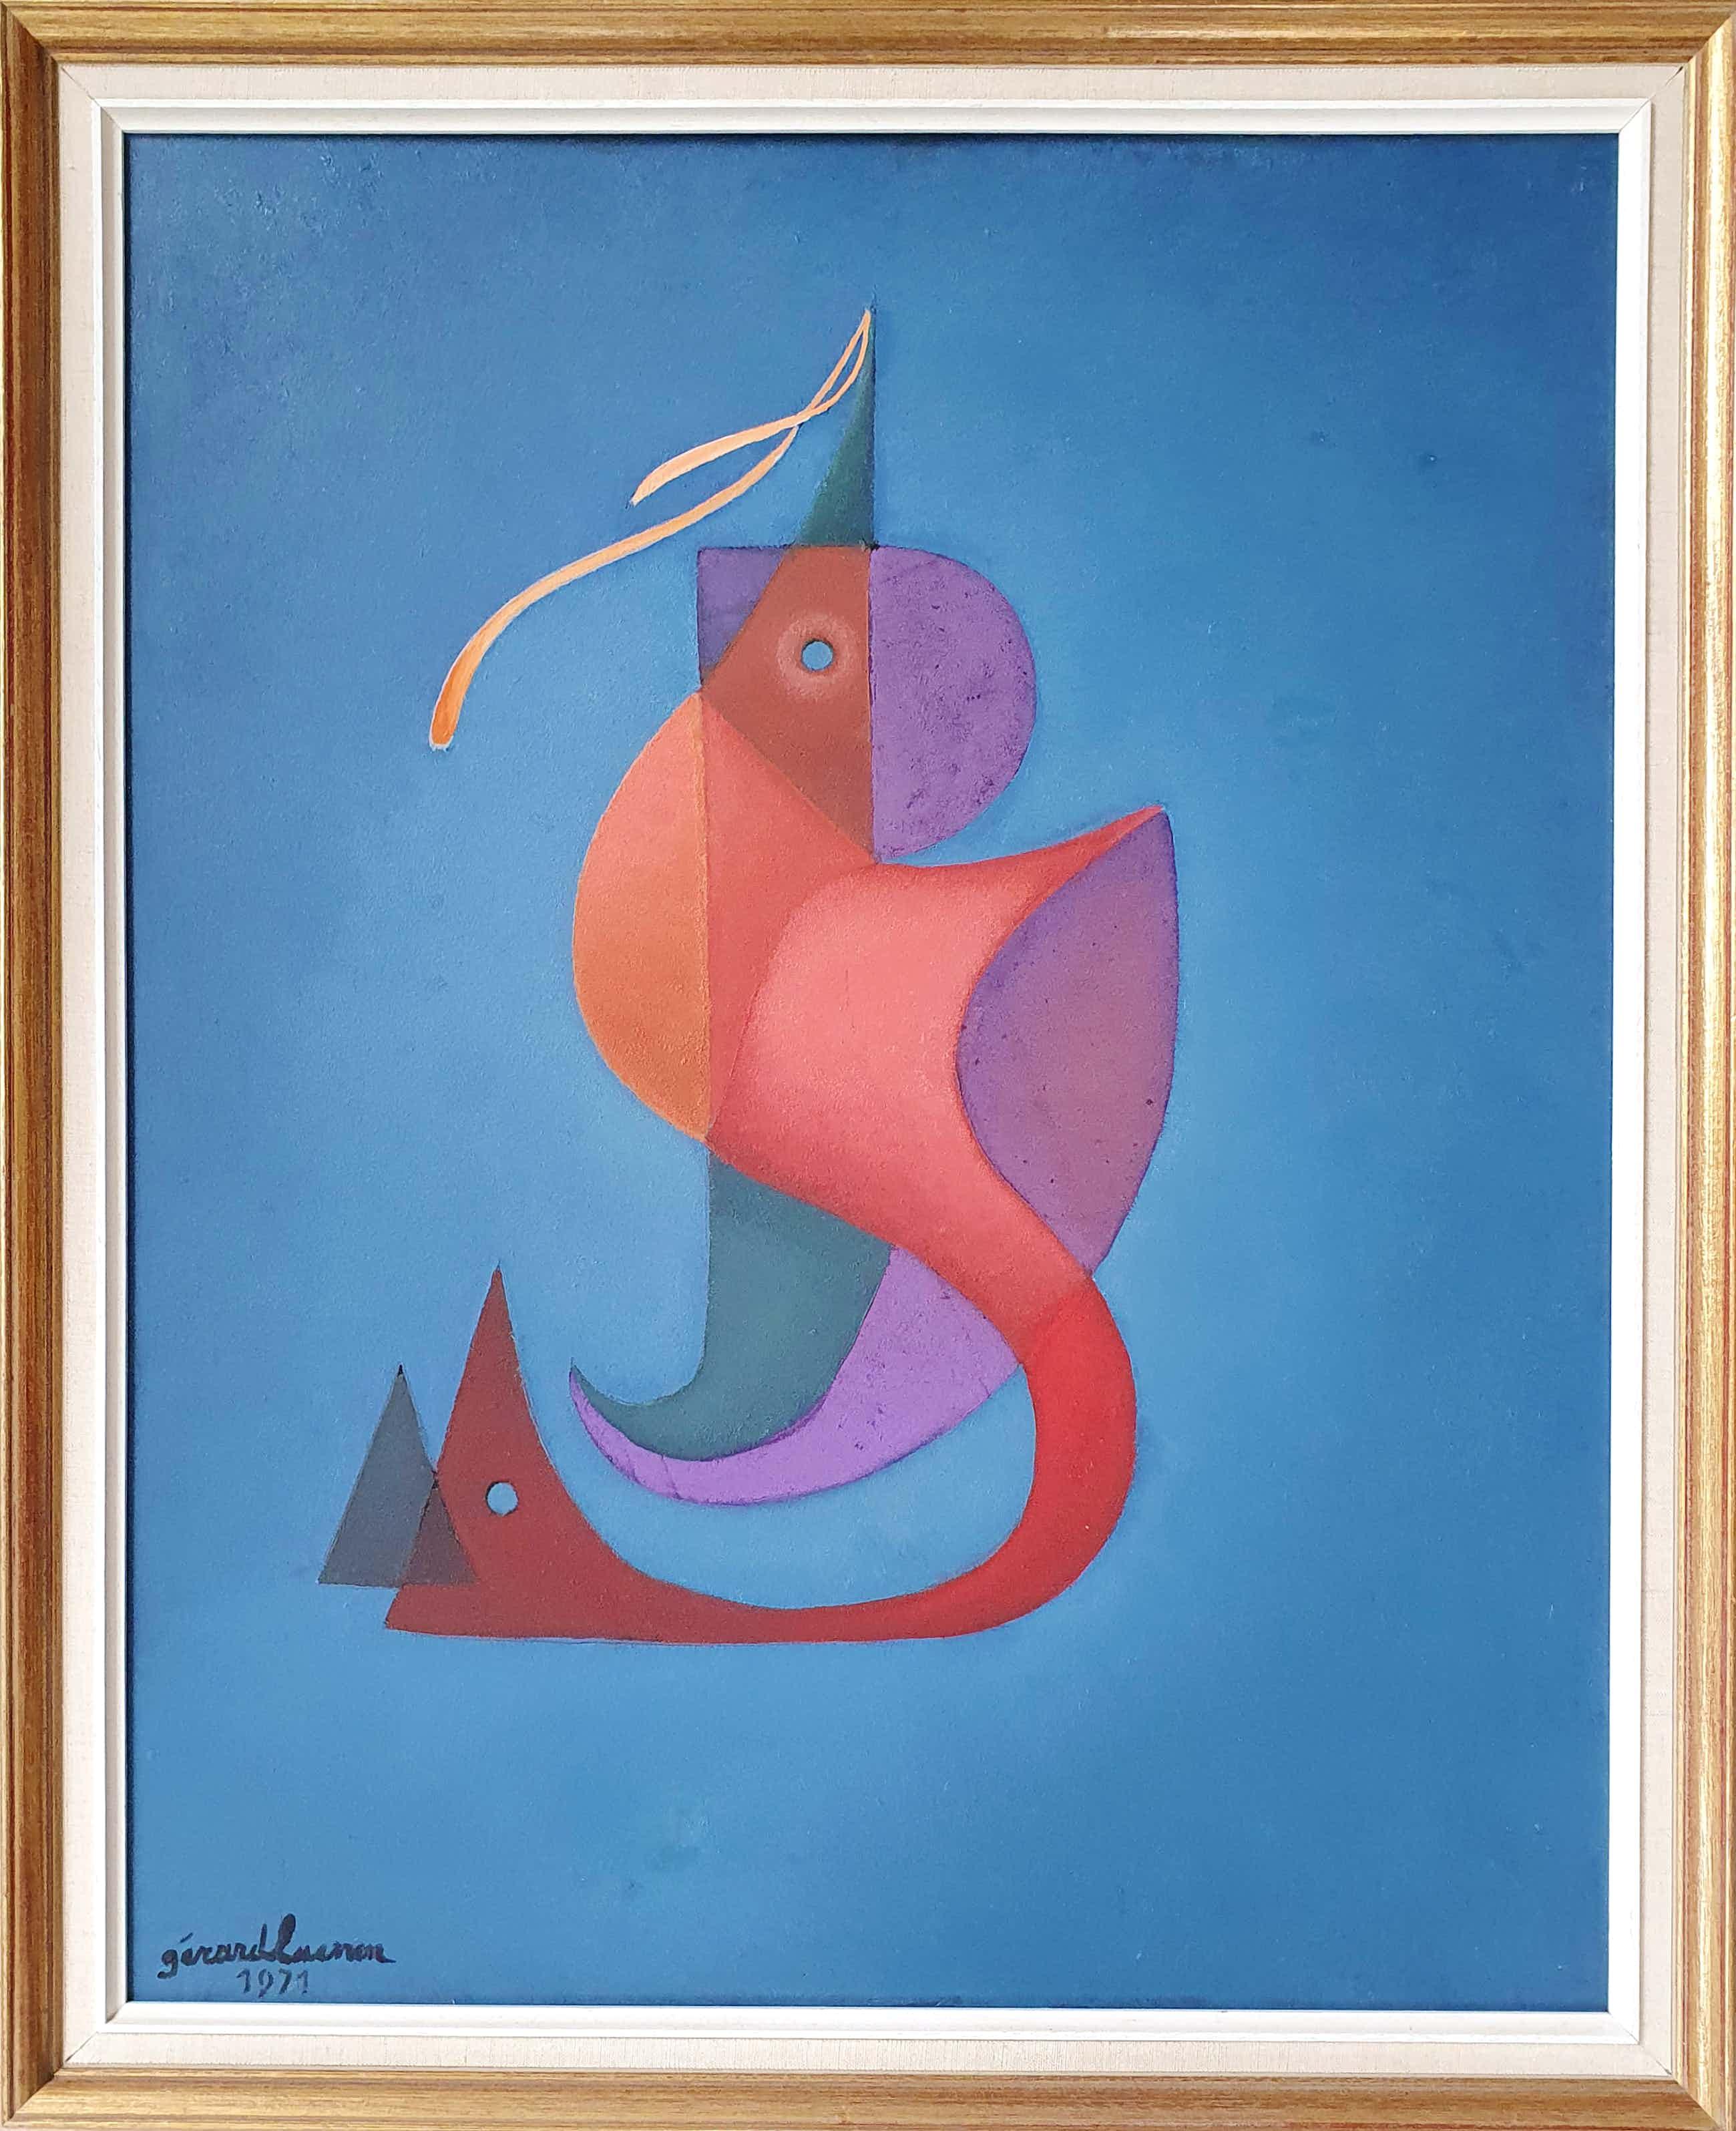 Gerard Laenen - Schilderij (Ingelijst) kopen? Bied vanaf 115!